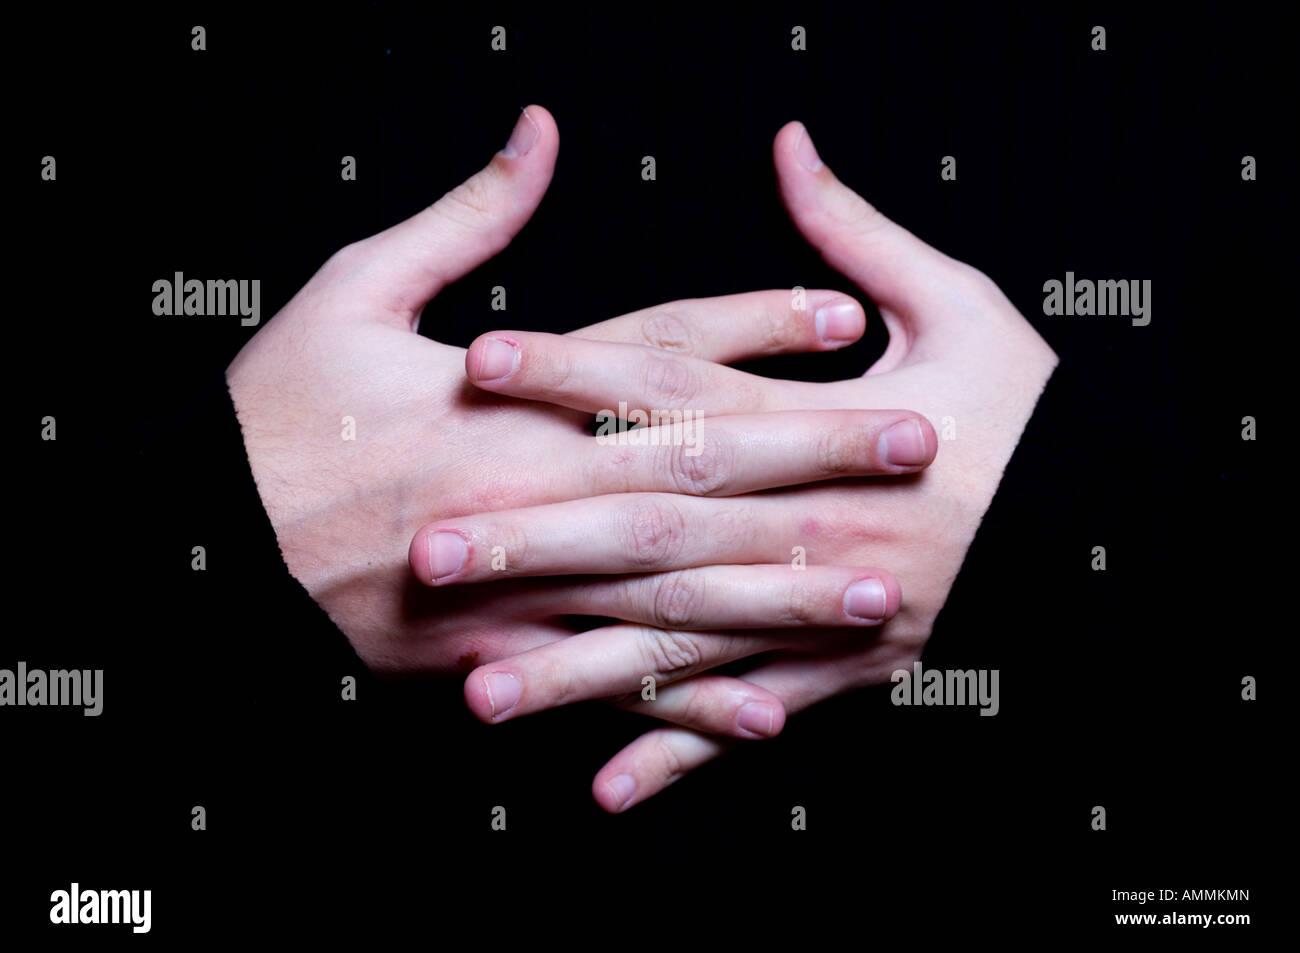 Mains liées Photo Stock